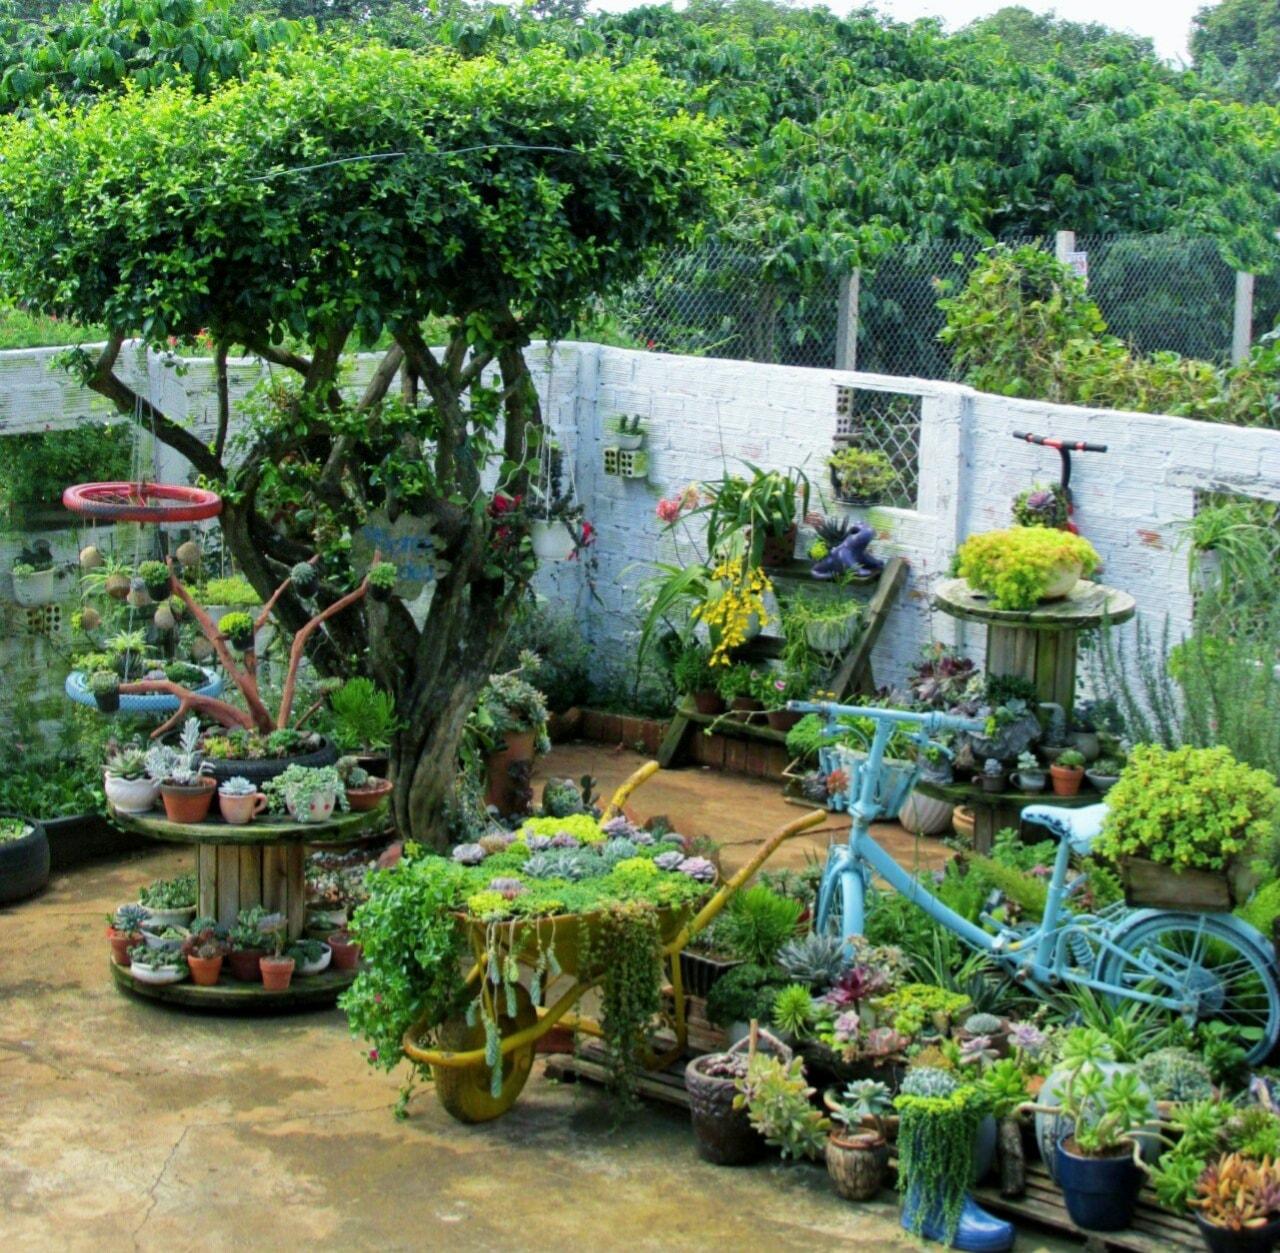 Vườn tiểu cảnh sen đá và đồ tái chế trang trí